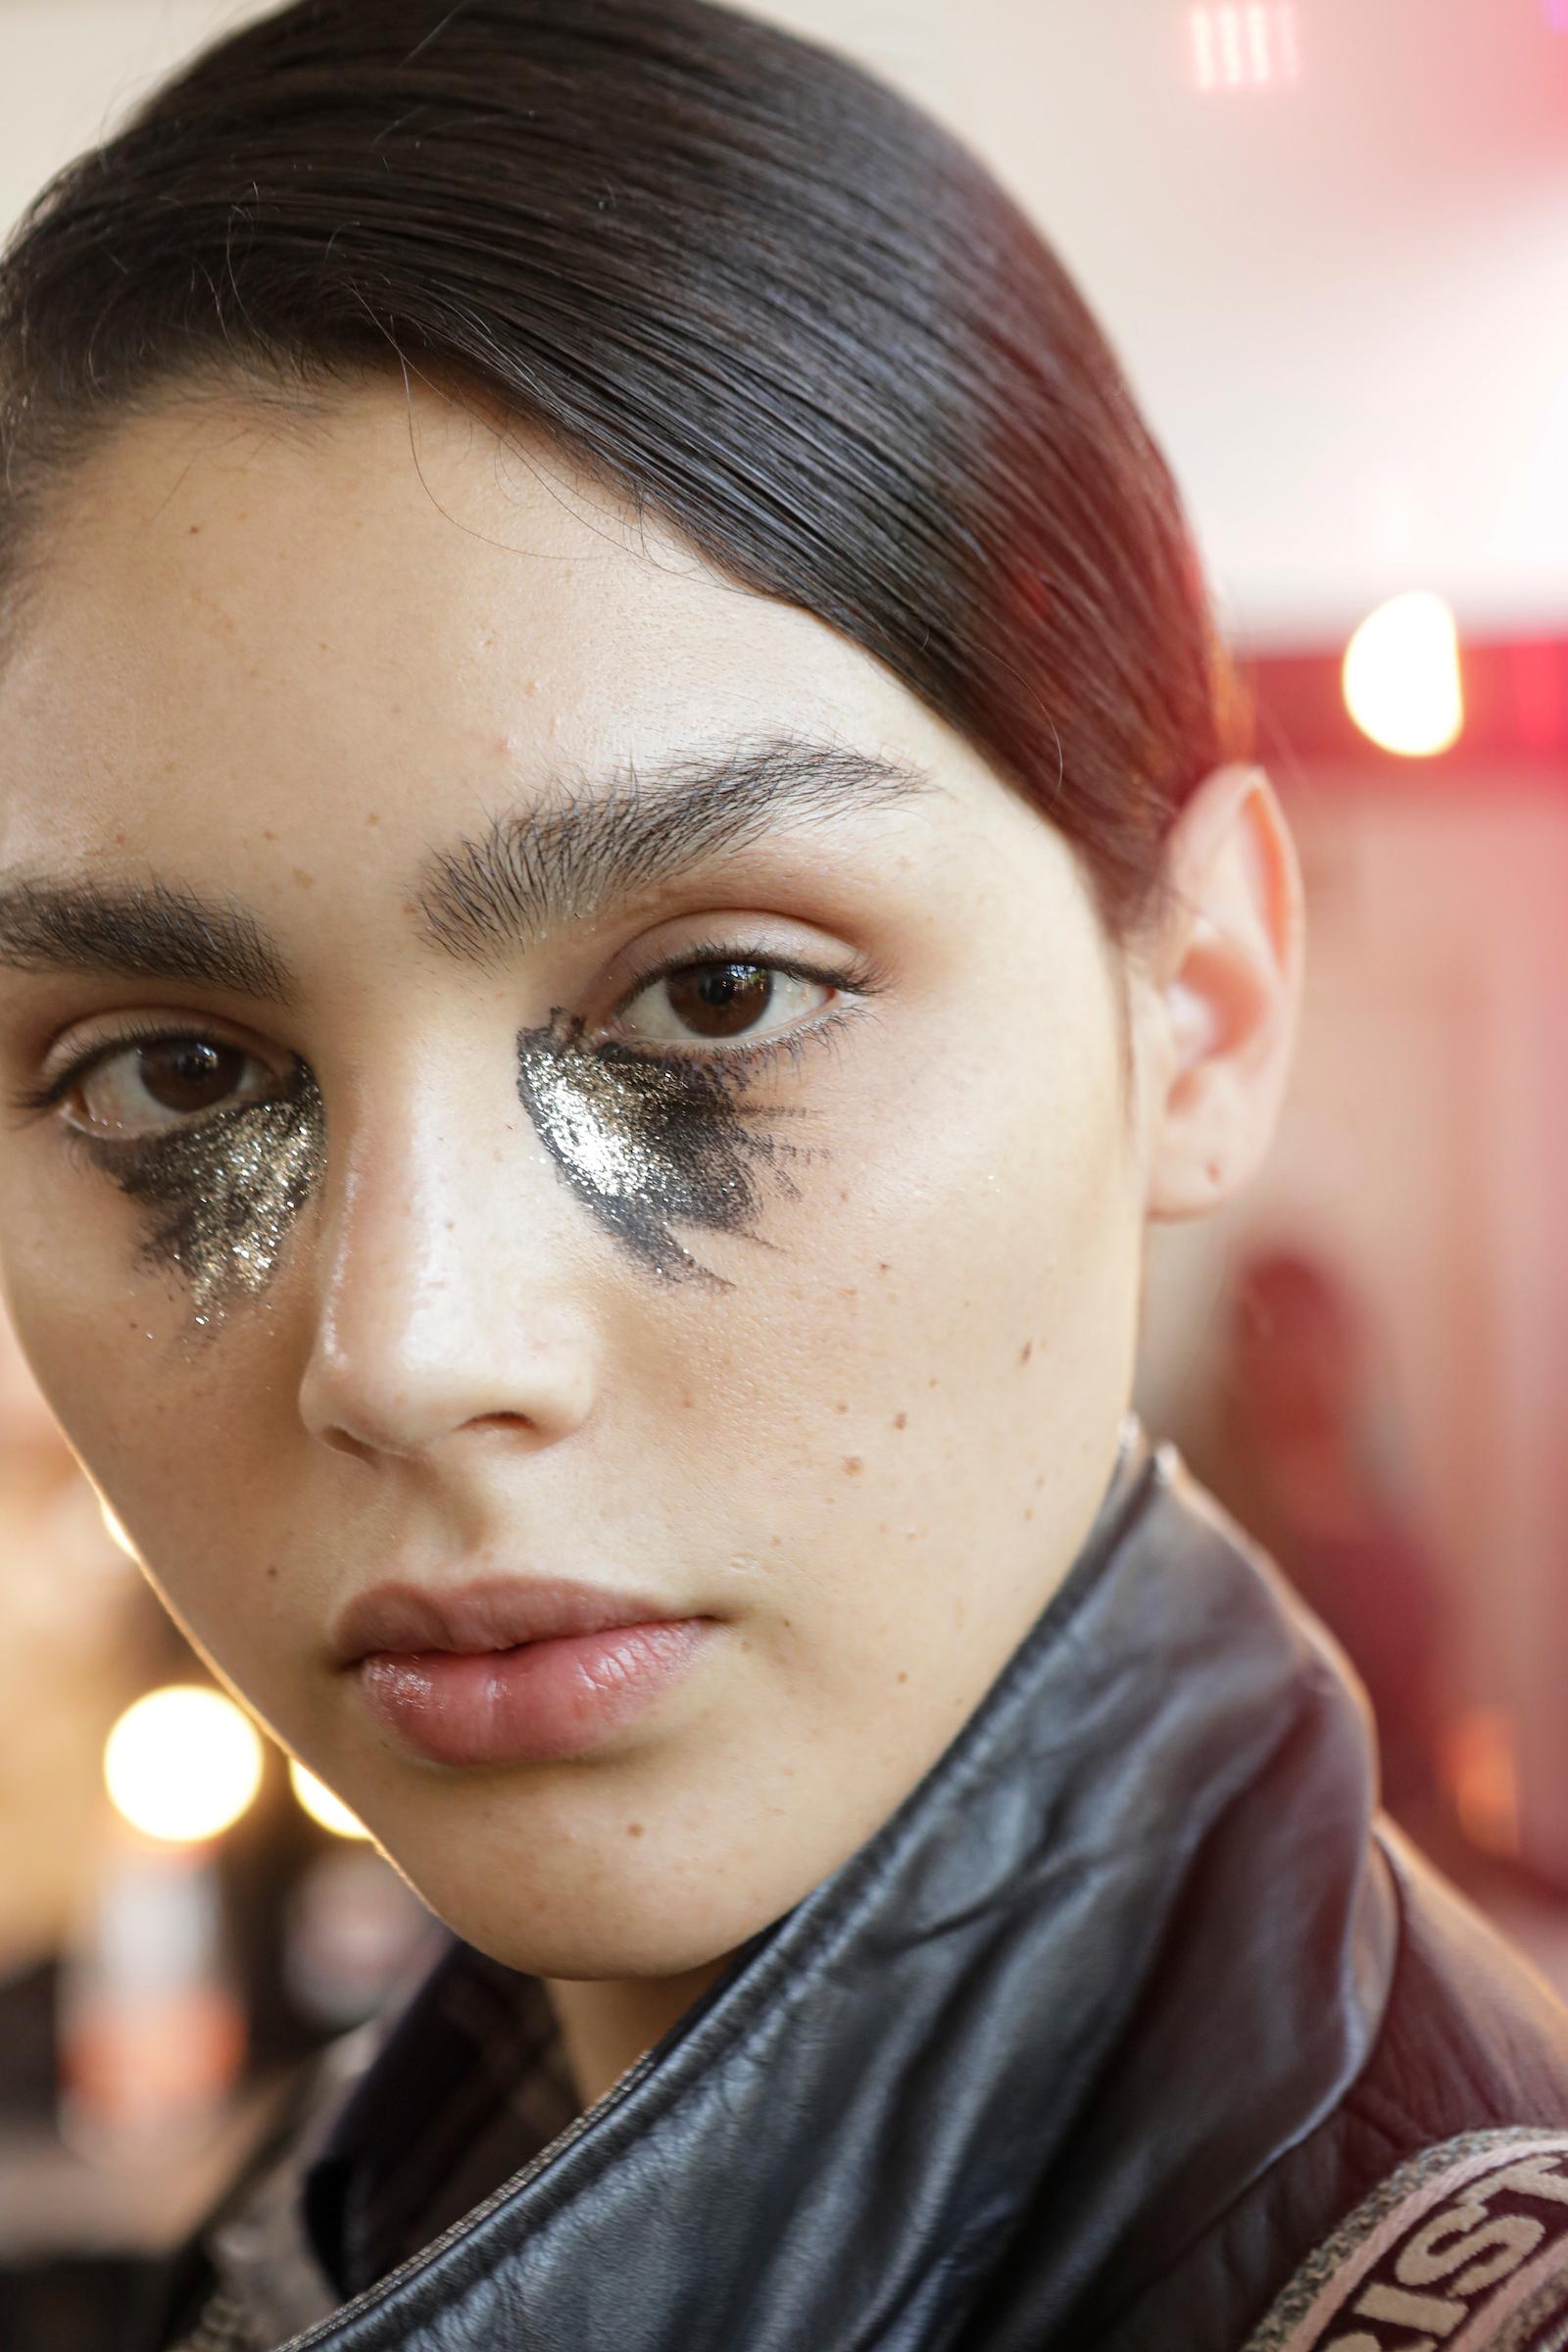 Manchas heterogêneas em preto e glitter prateado pintavam a parte debaixo dos olhos na beleza de Laura Prestes para João Pimenta / FOTOSITE